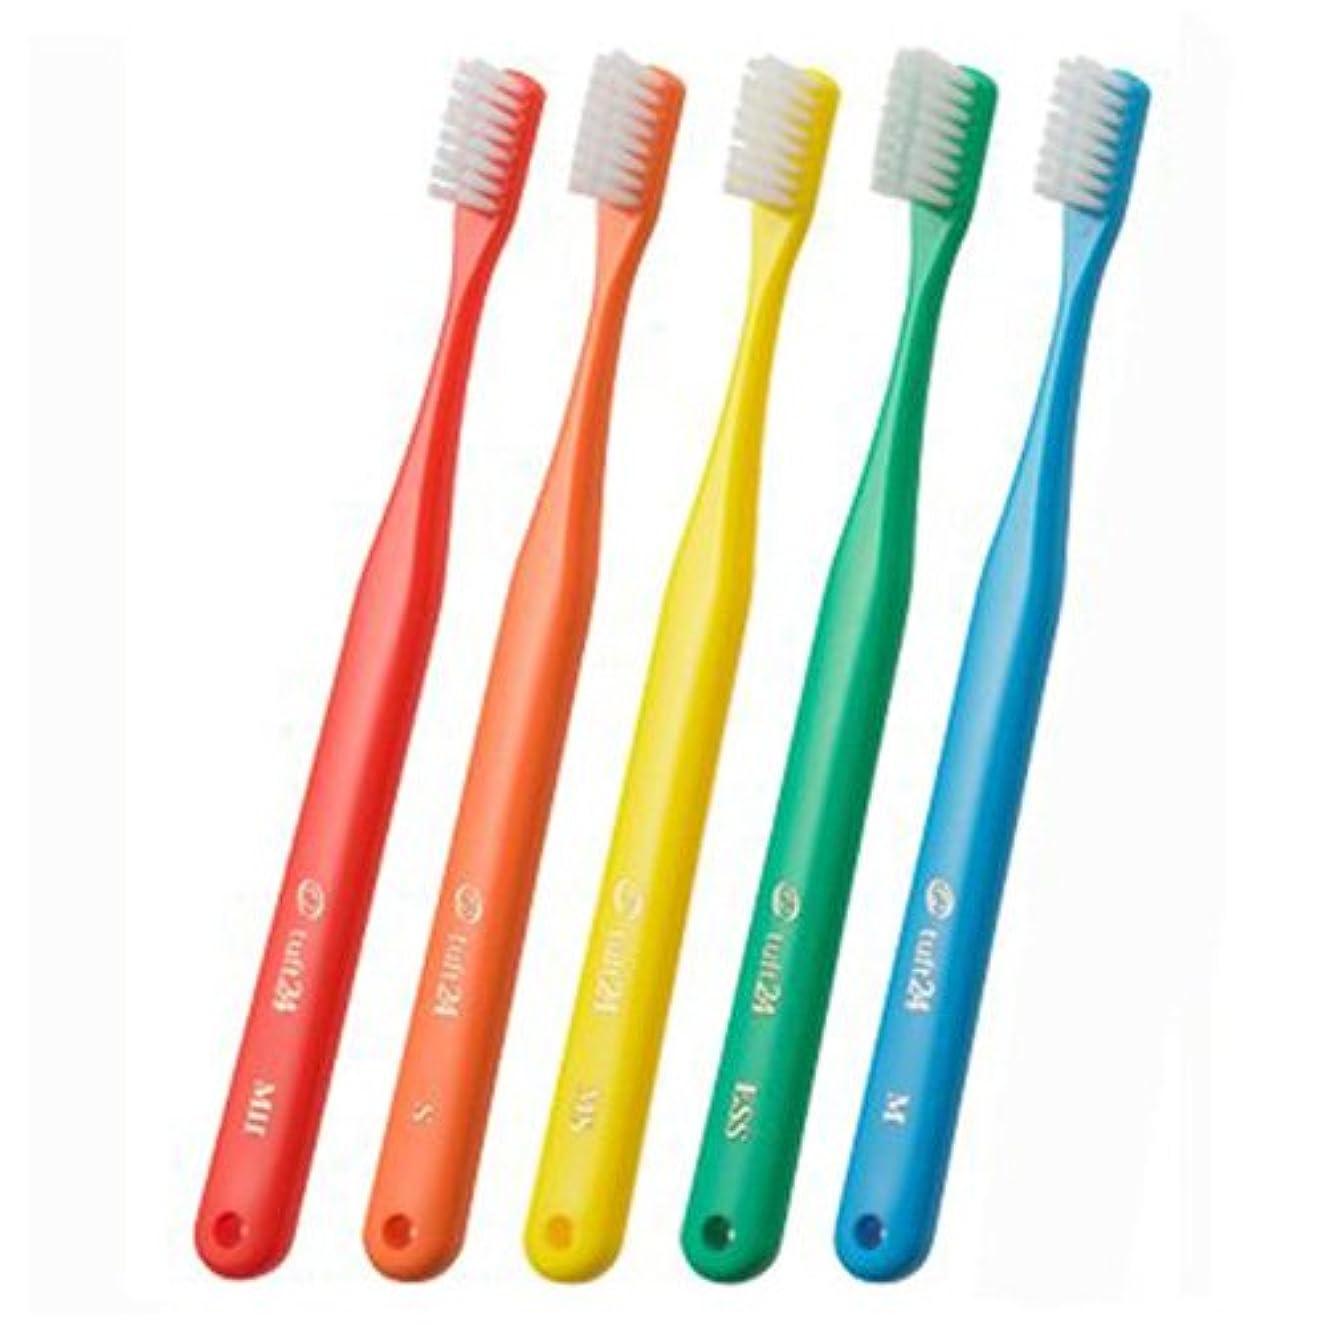 社会チェリー発明するオーラルケア タフト24 一般成人用 3列歯ブラシ 10本セット  MH(ミディアムハード) ブルー